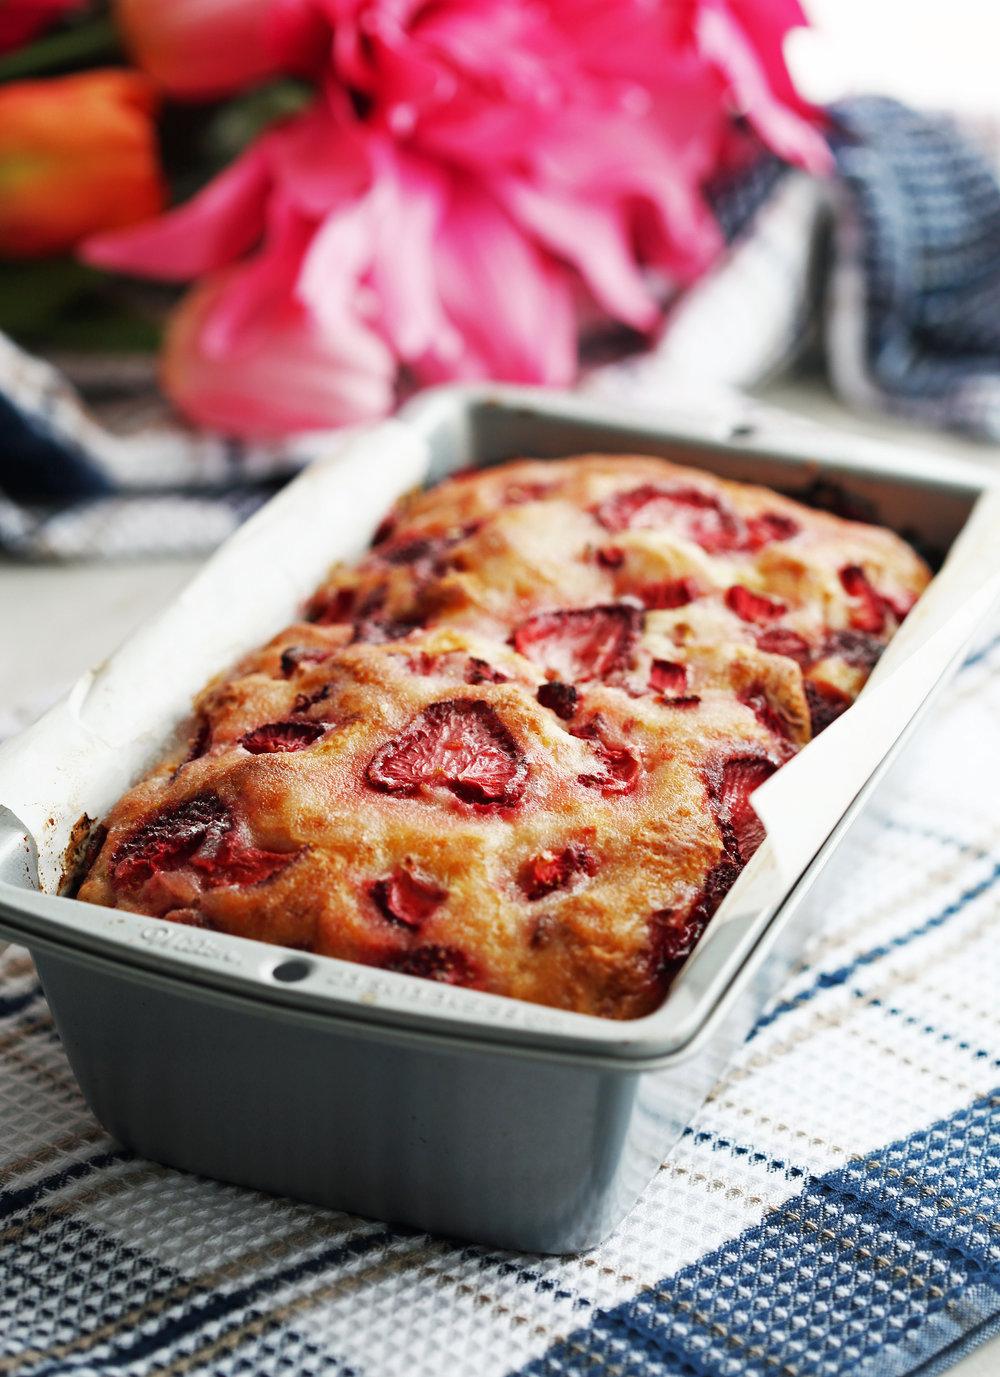 Freshly baked Strawberry Lemon Yogurt Quick Bread in a metal loaf pan.